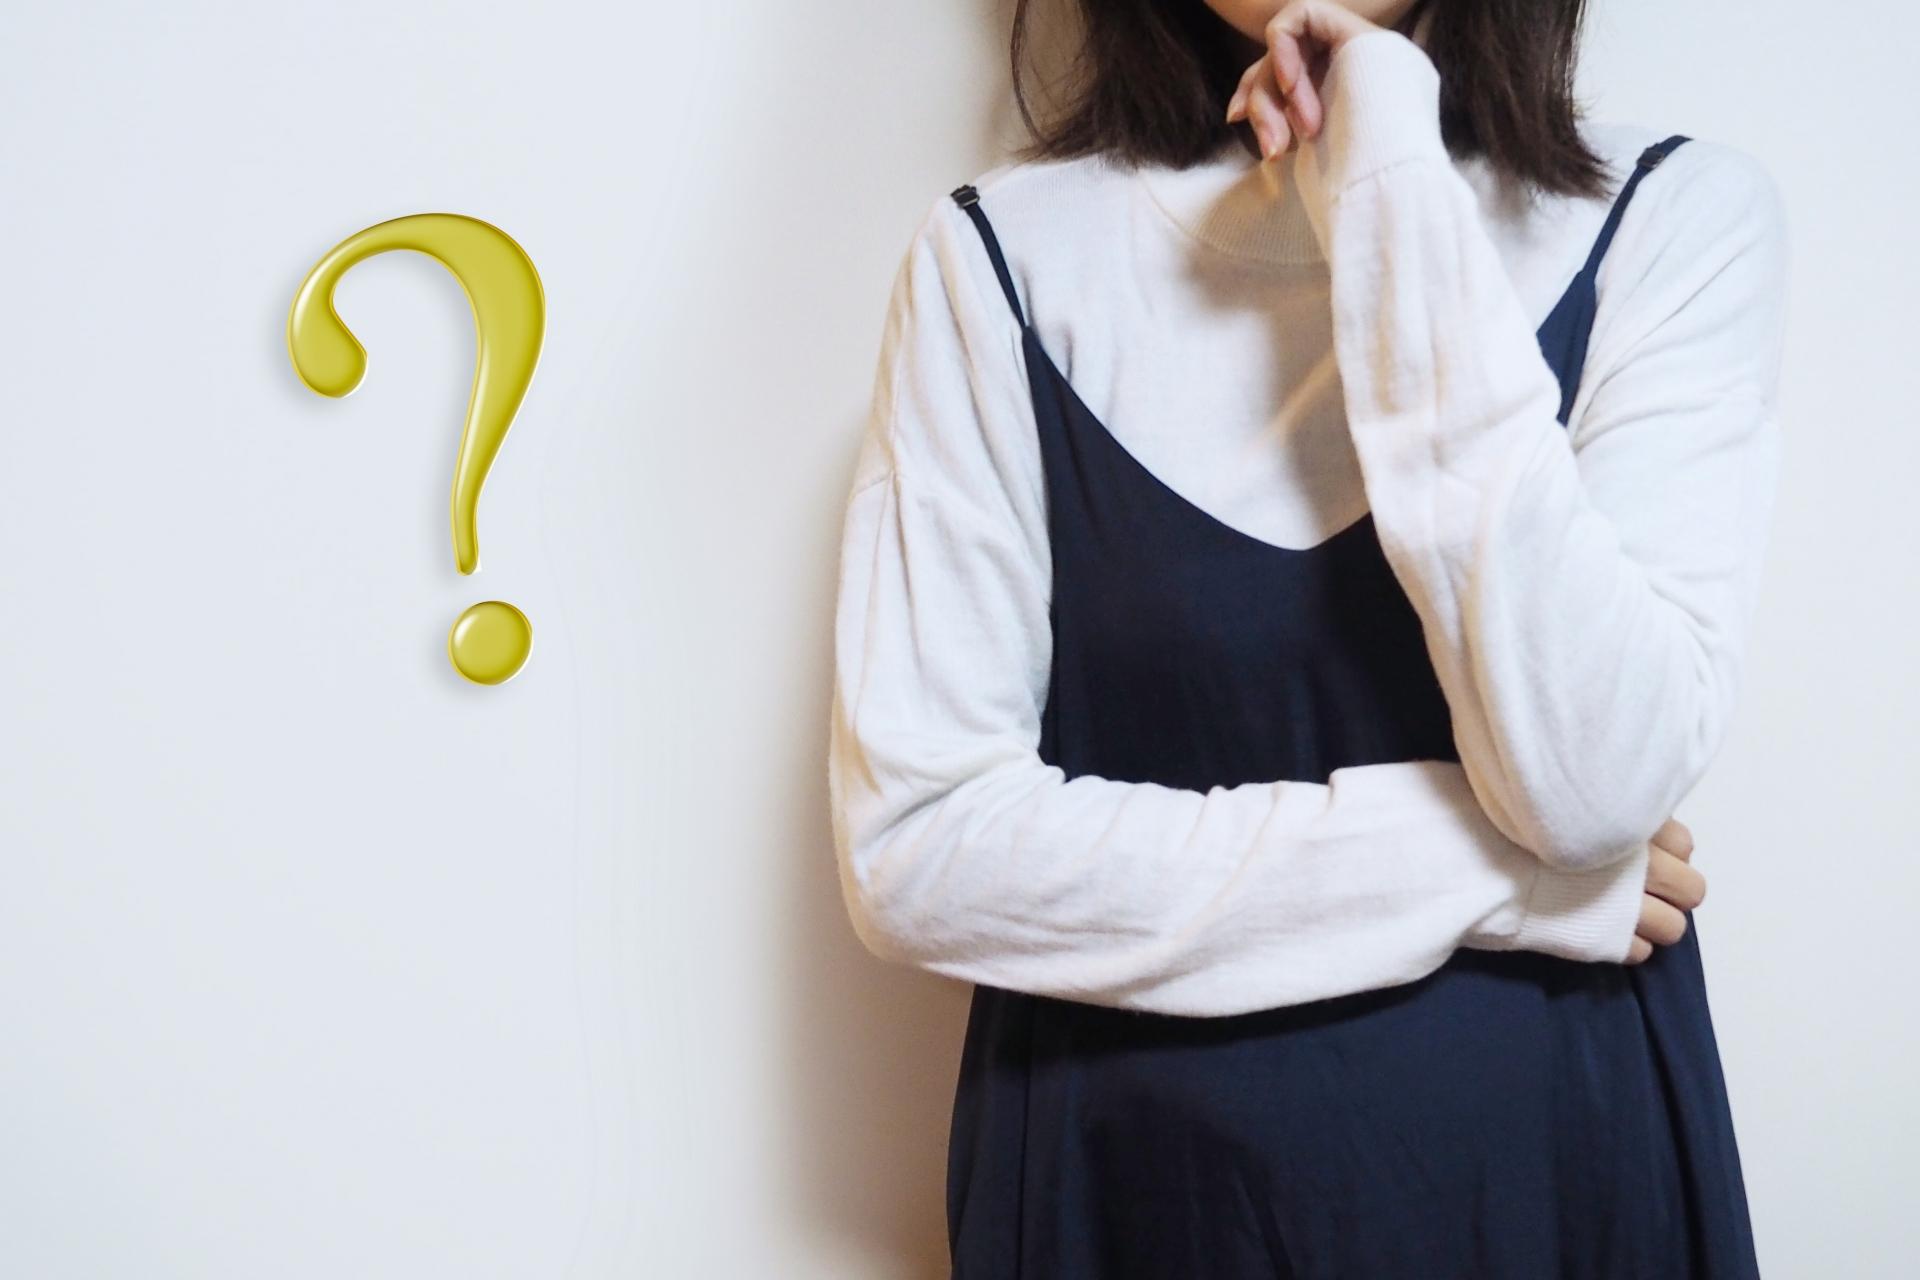 産後の骨盤矯正ベルトはいつからいつまでつければいいの?